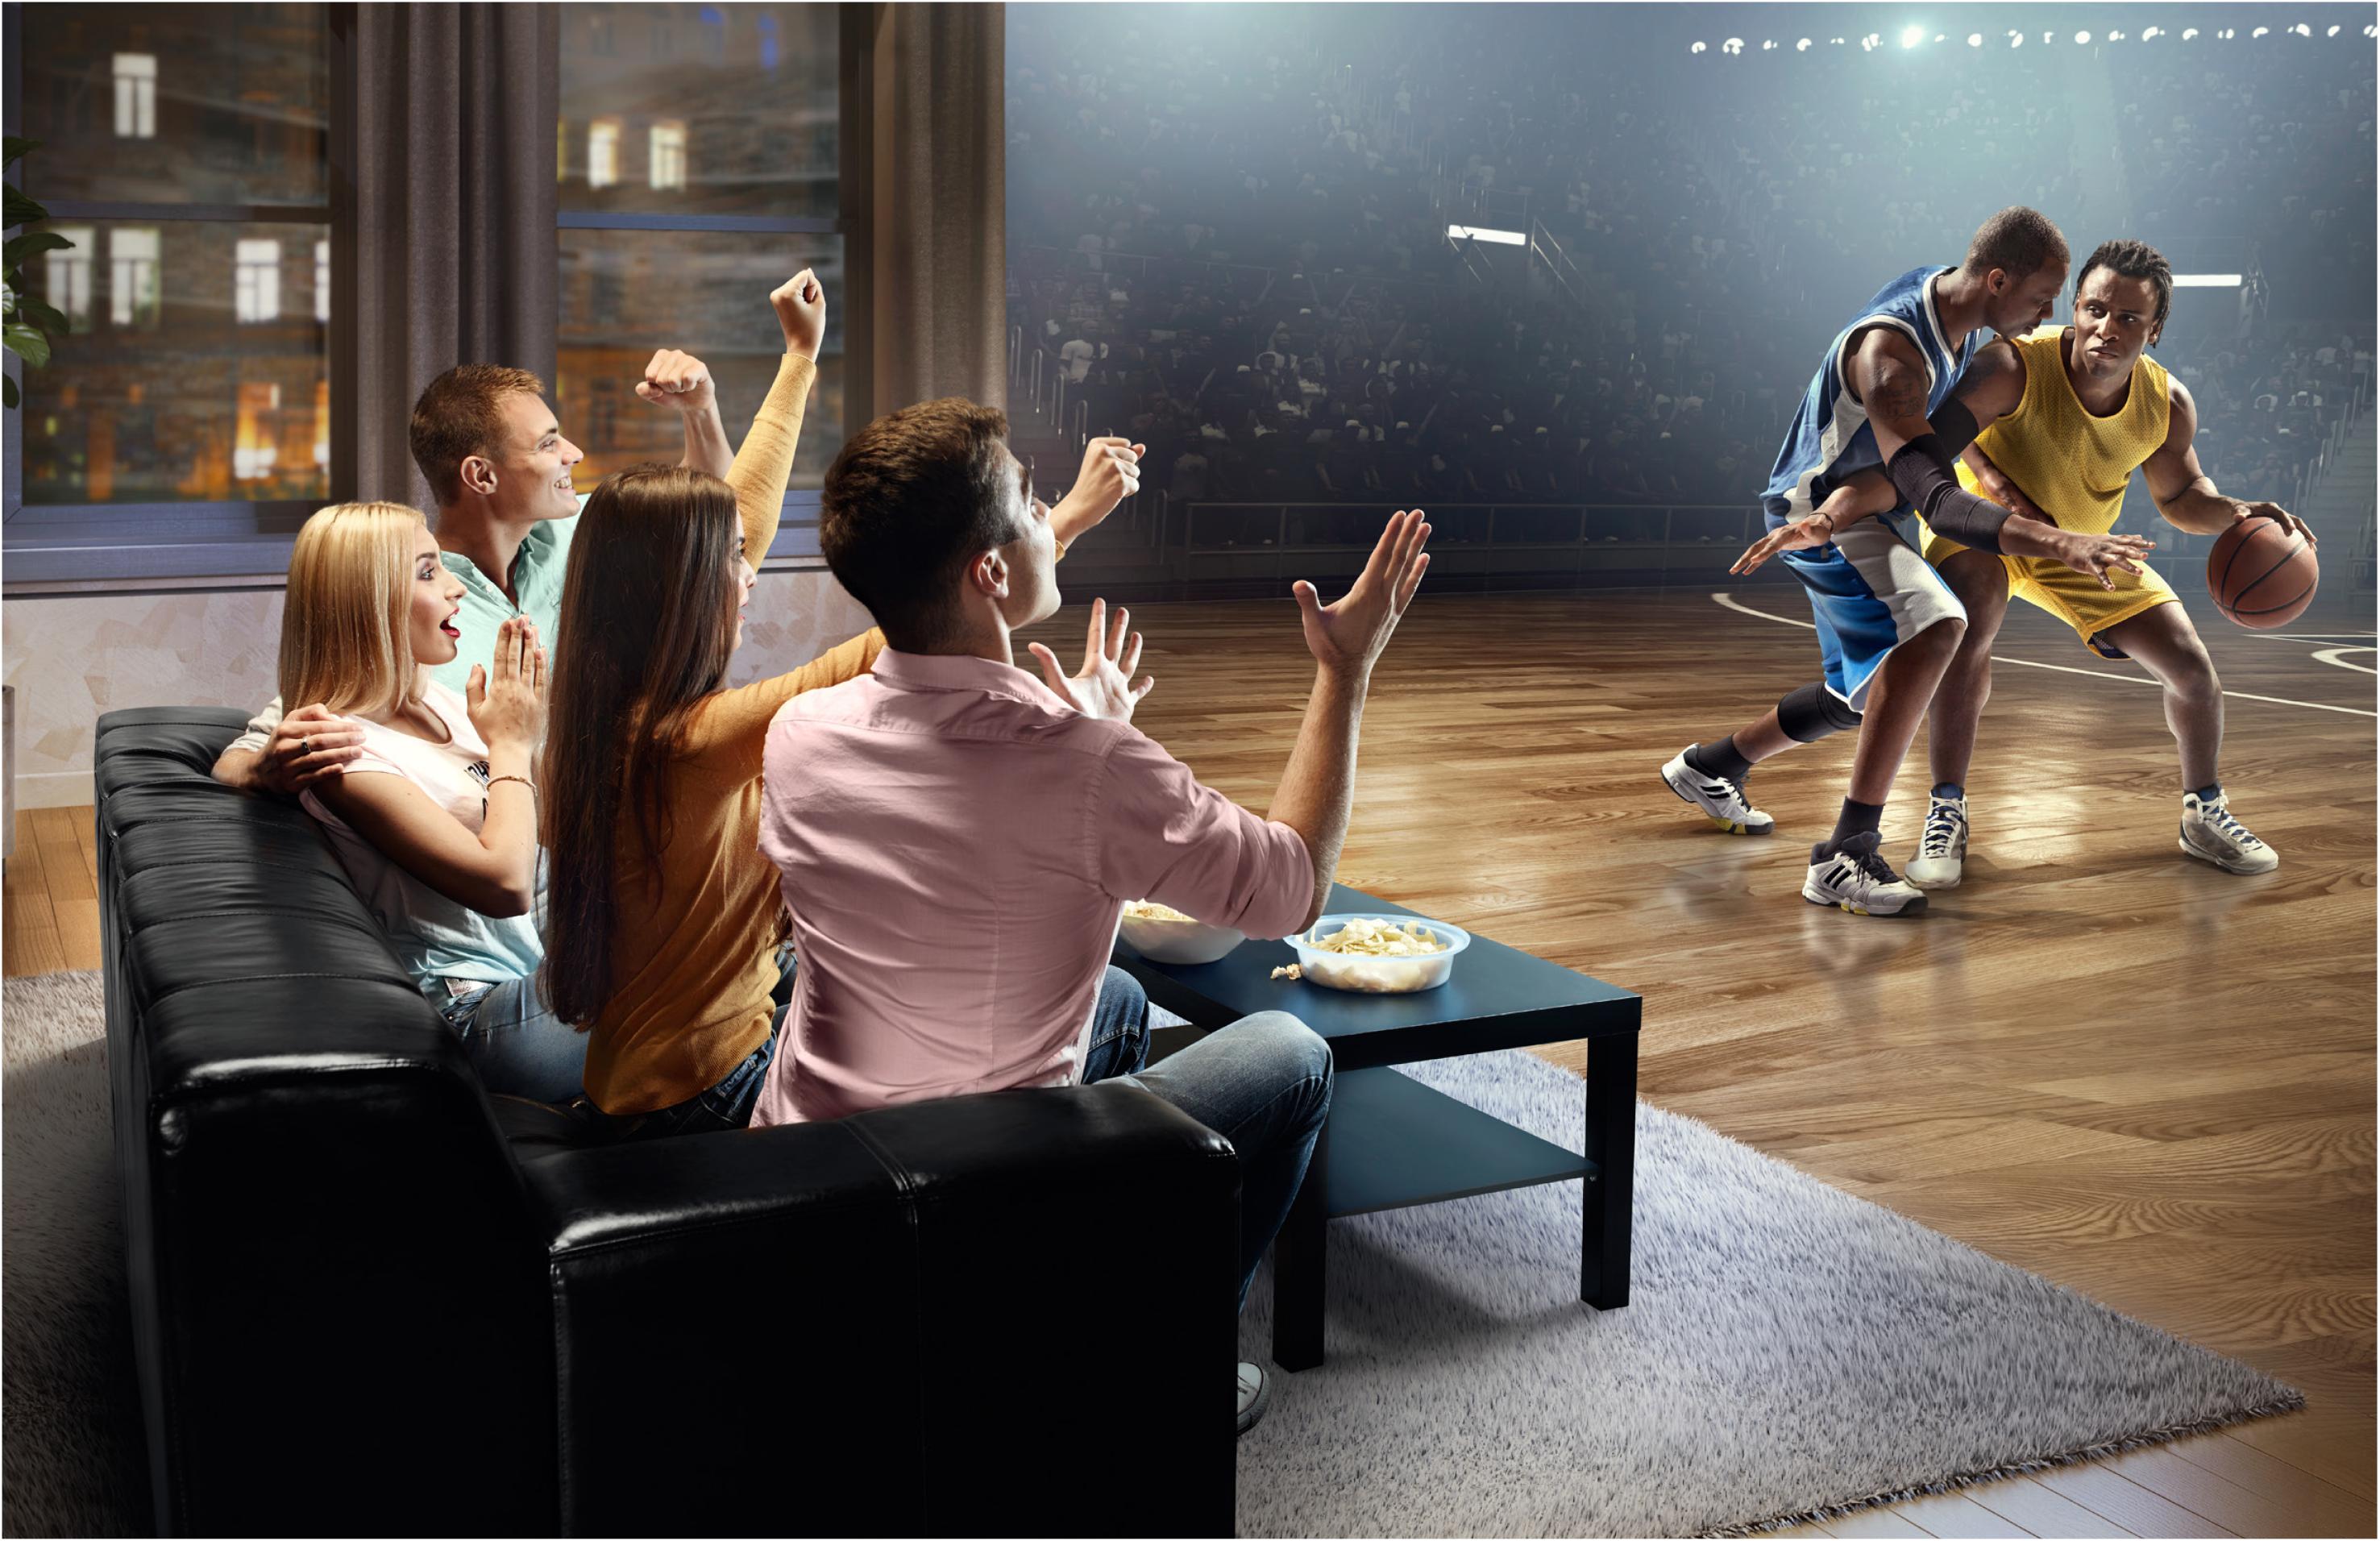 00001 sport VR AR living room